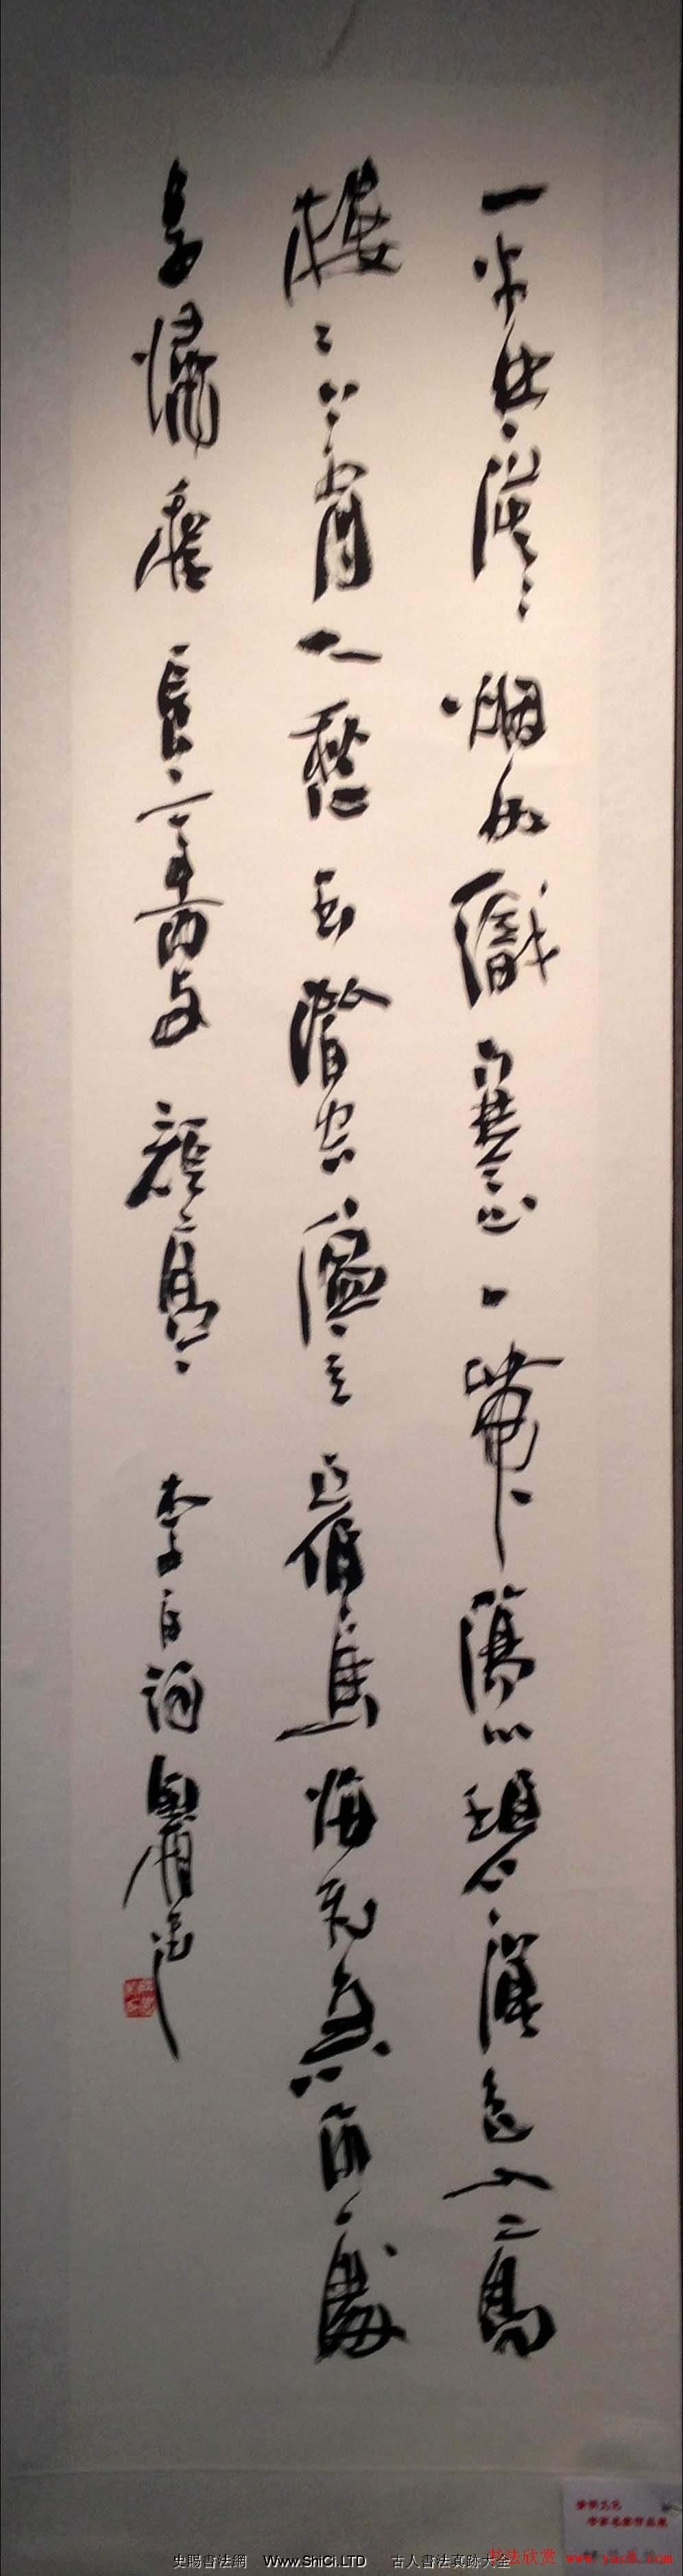 2014開封清明文化節書畫名家作品展